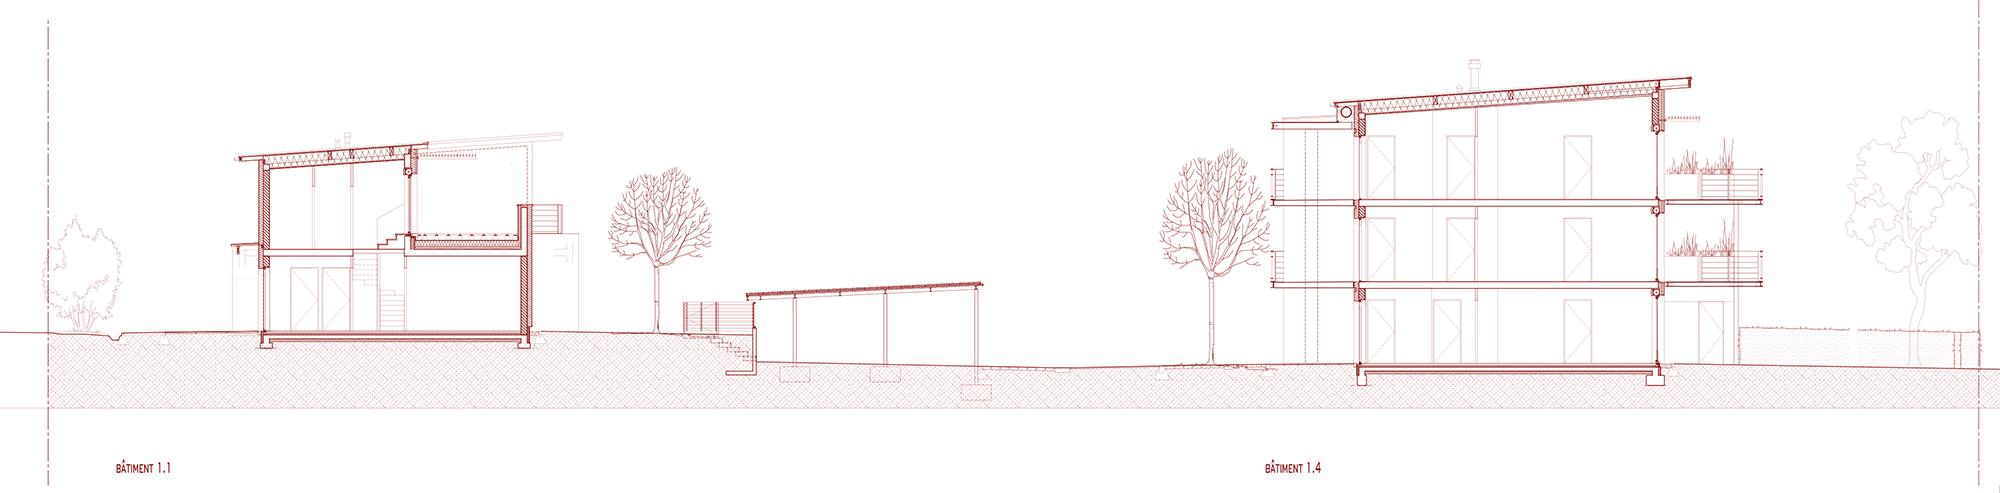 84 logements bbc locatifs et en accession dijon ixo architecture. Black Bedroom Furniture Sets. Home Design Ideas